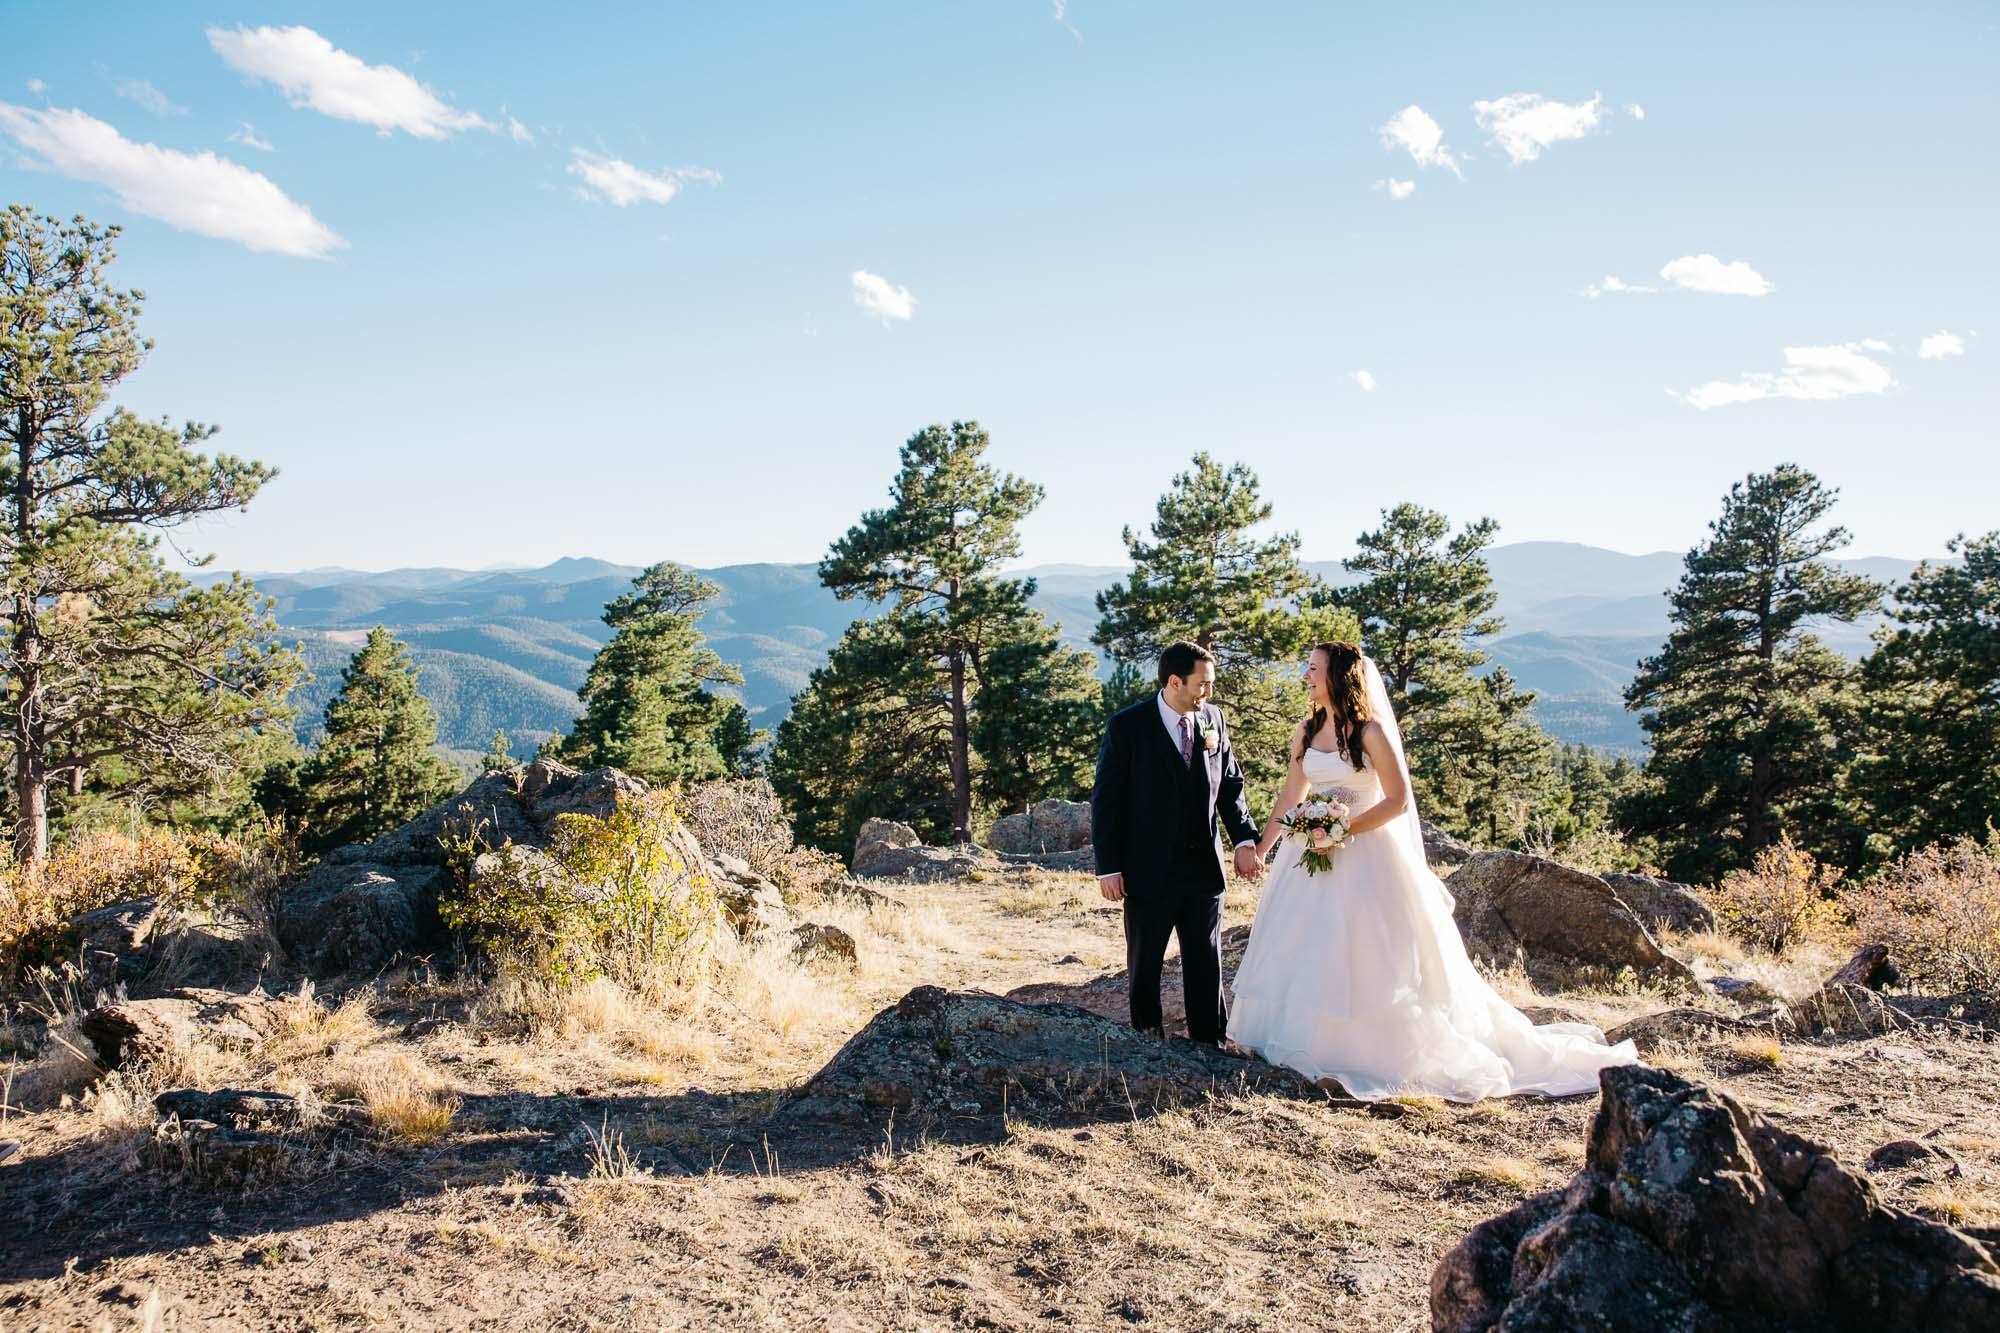 46elopement-photographer-colorado-Amanda&Sam-Denver_wedding-2324.jpg